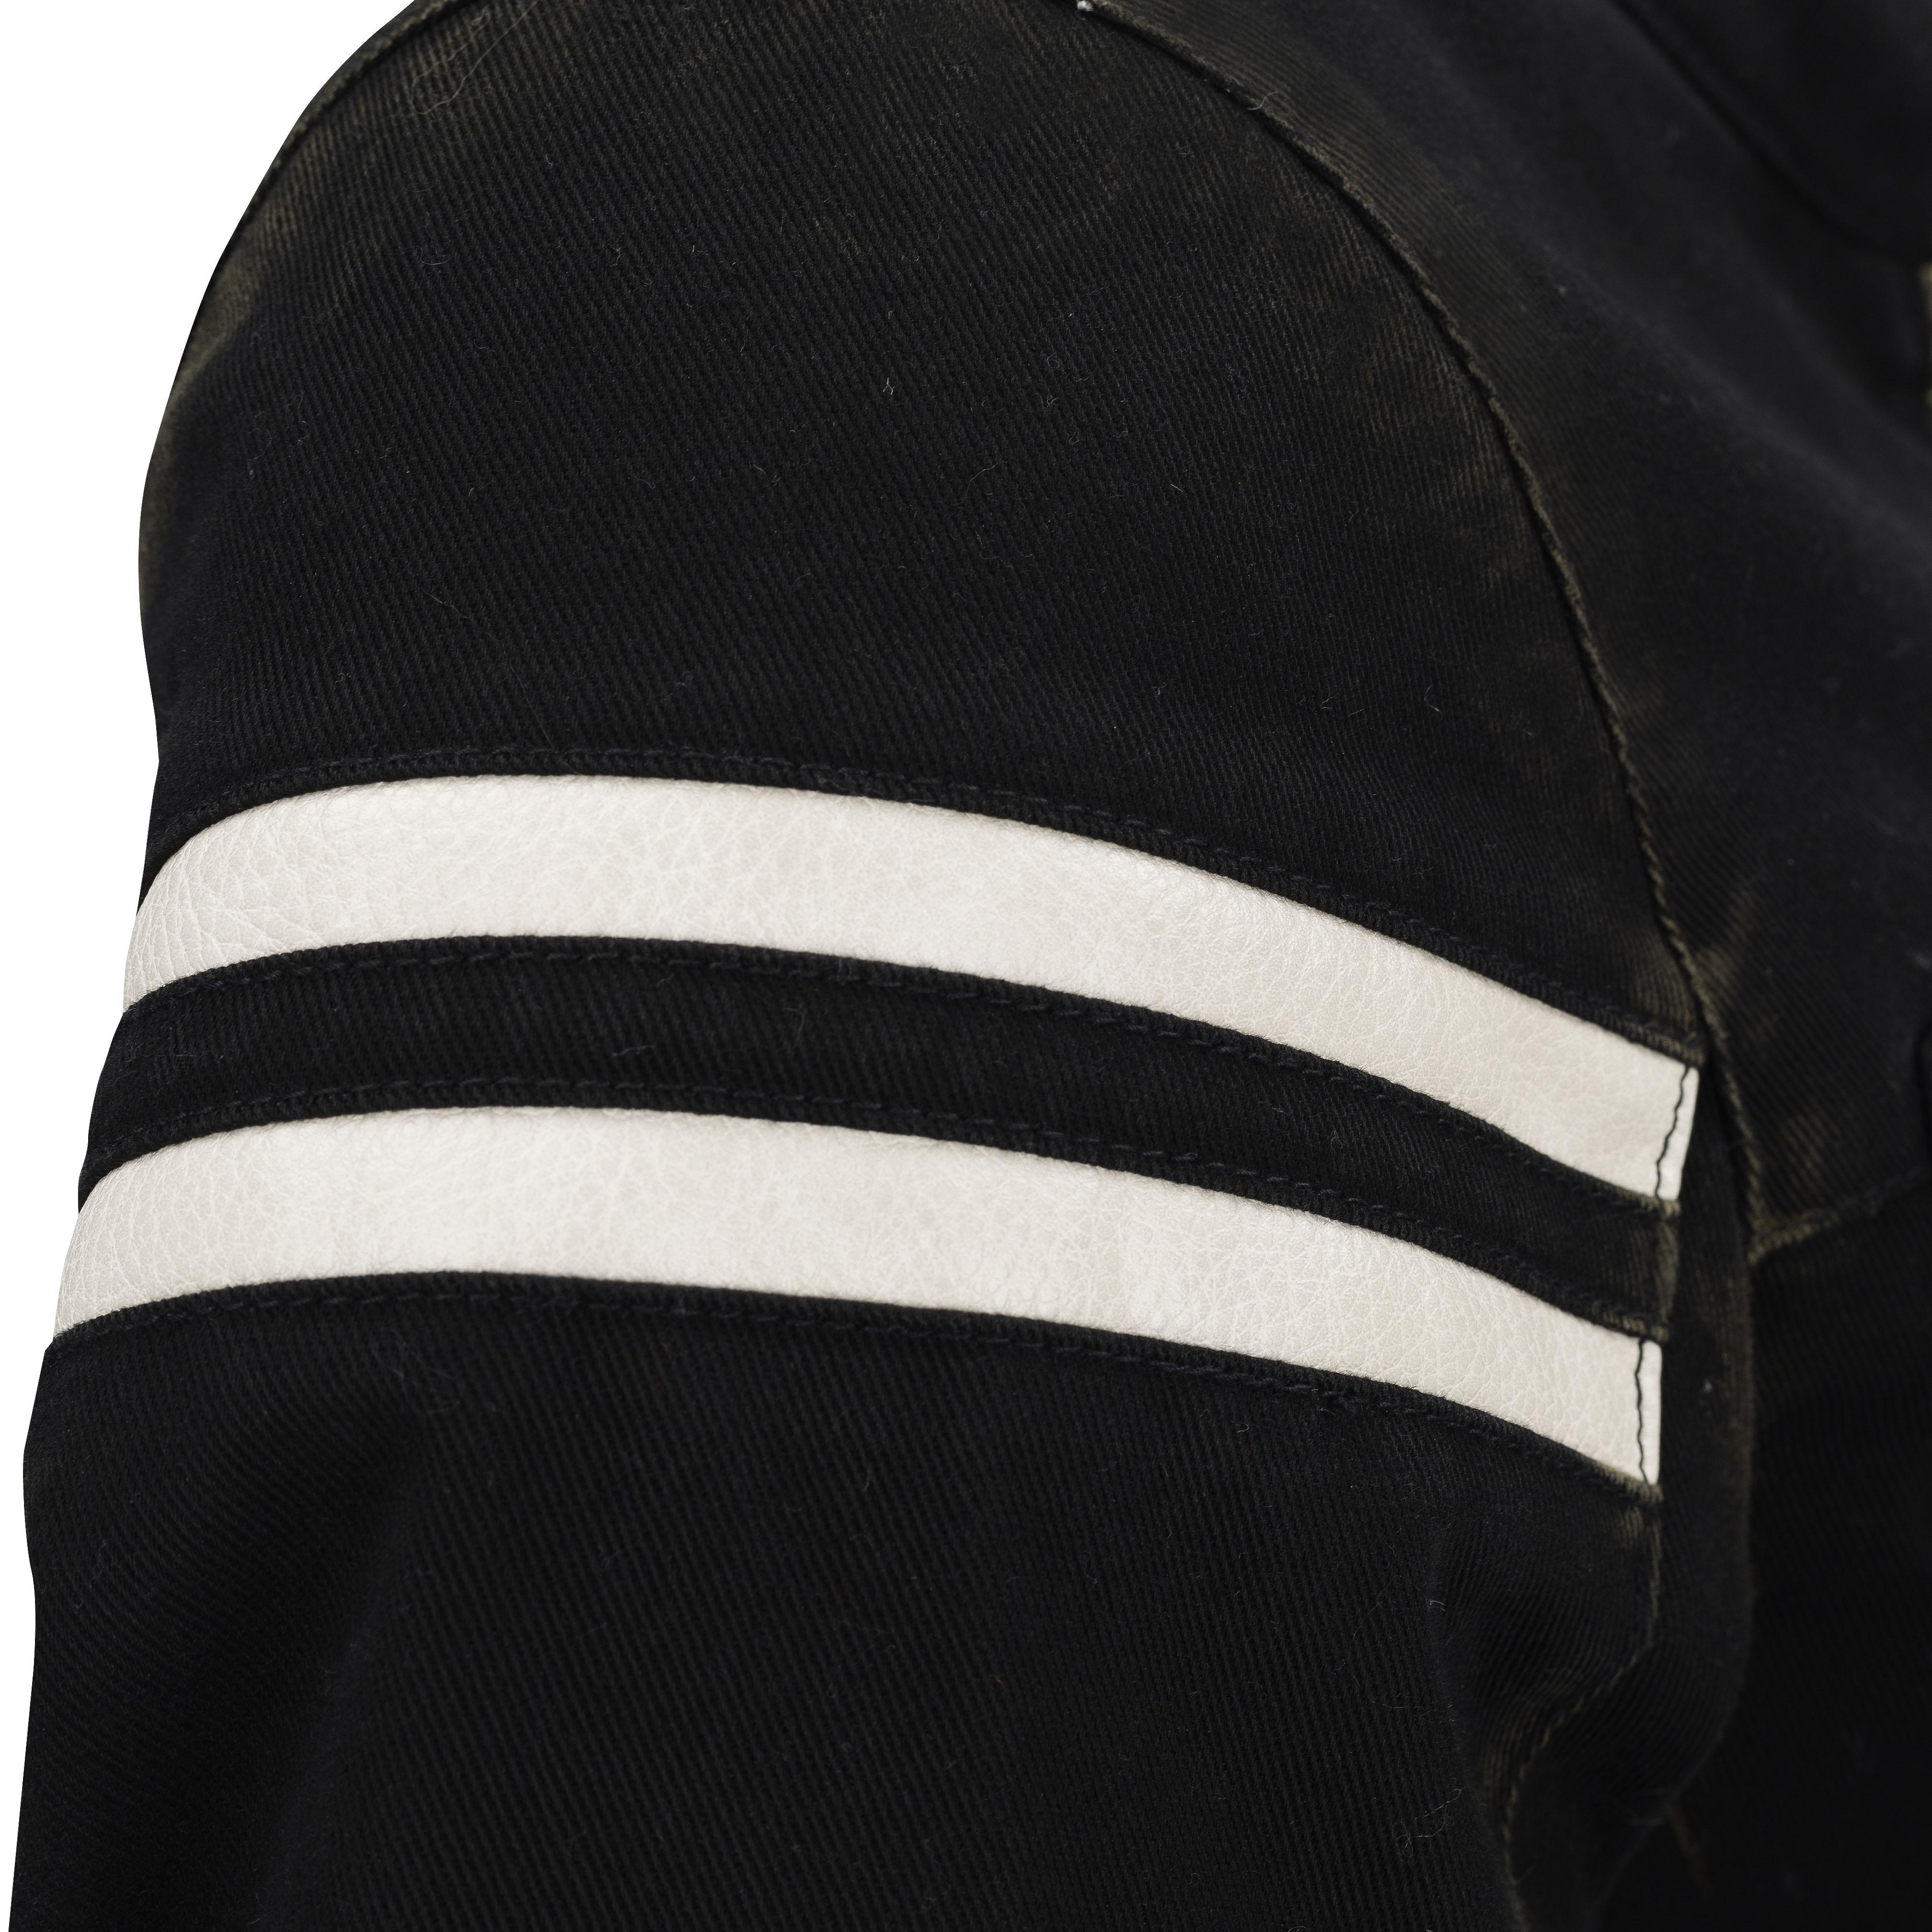 Lady Keaton - BTB510 - Női textil dzseki - Bering motoros ruházat ... ac33bab5c3